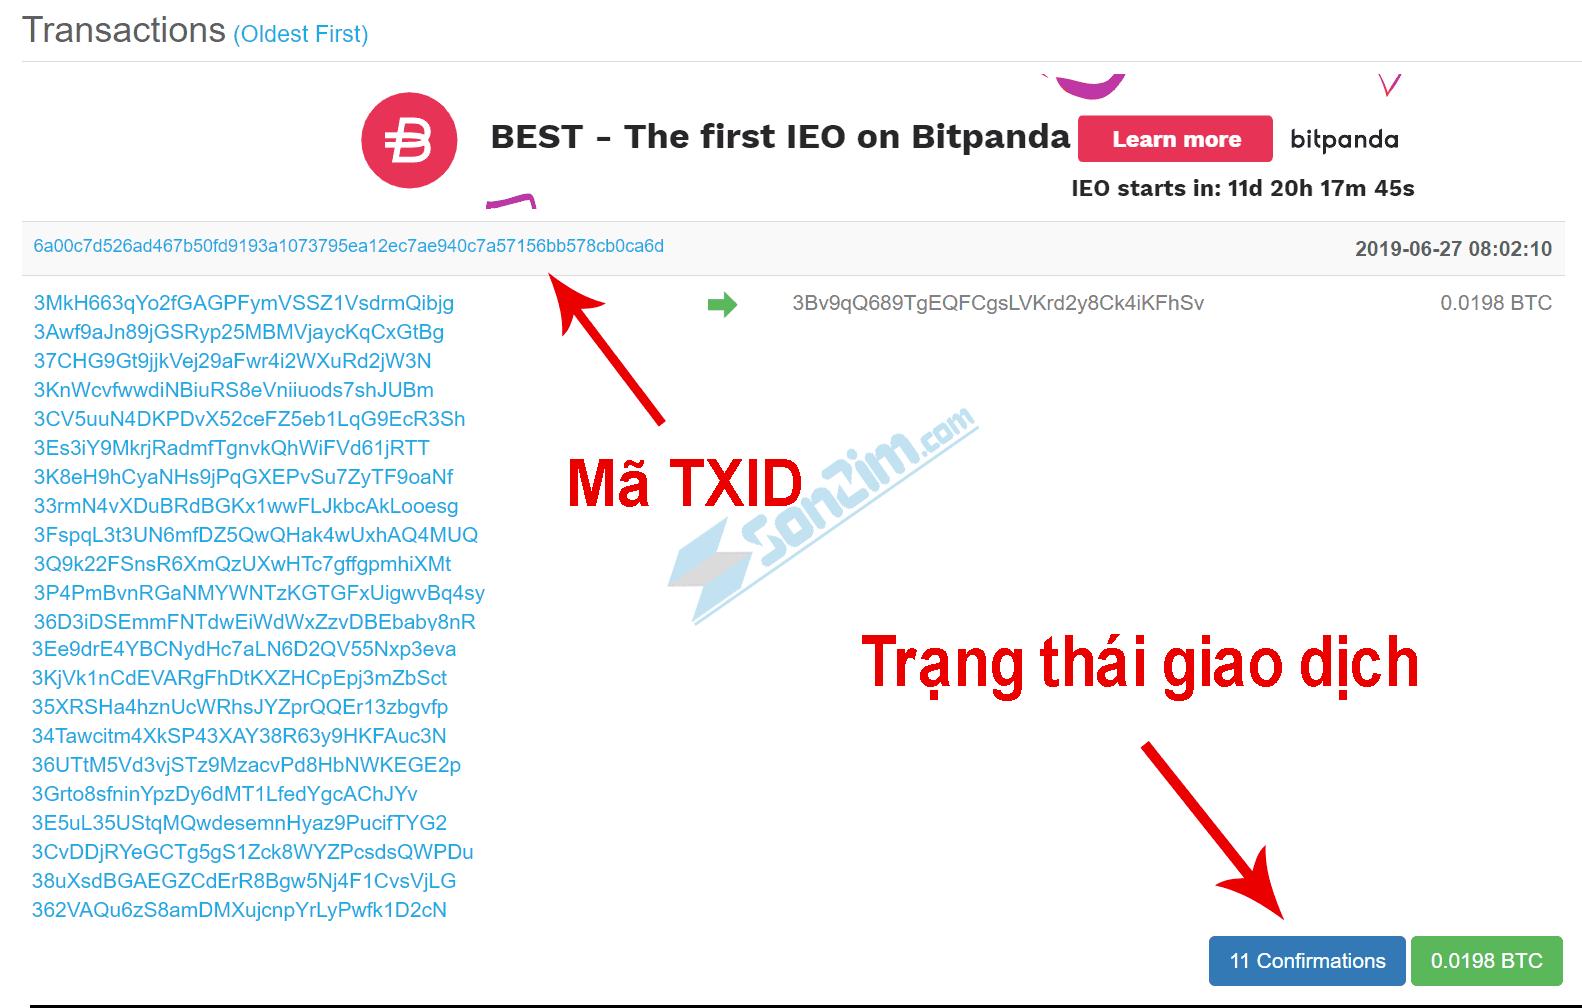 Cách kiểm tra giao dịch bitcoin bằng địa chỉ Ví - 11 xác nhận